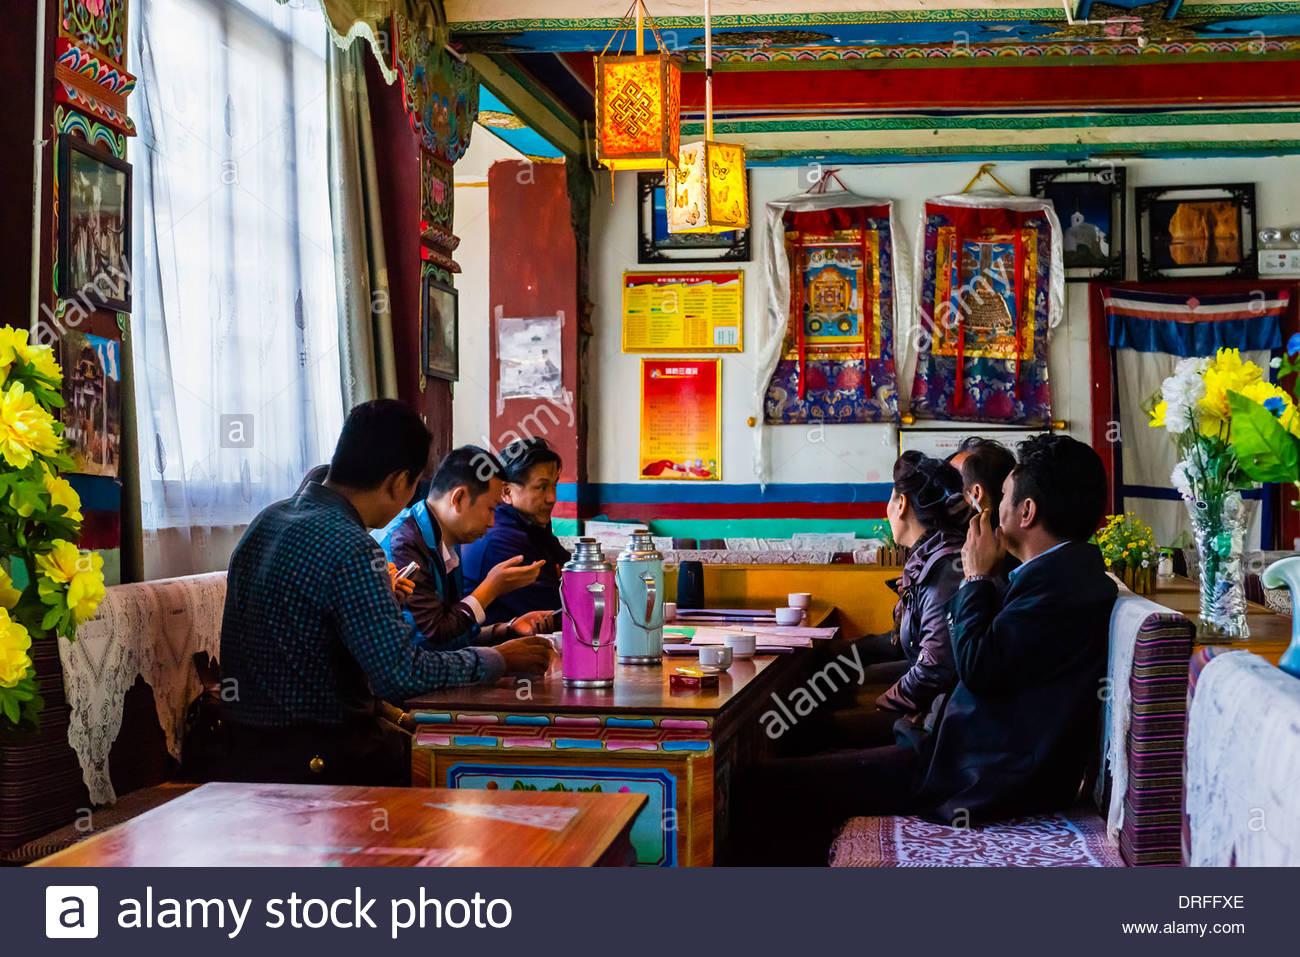 Il popolo cinese del pranzo, Tashi Ristorante, Tsedang Tibet (Xizang), Cina. Immagini Stock